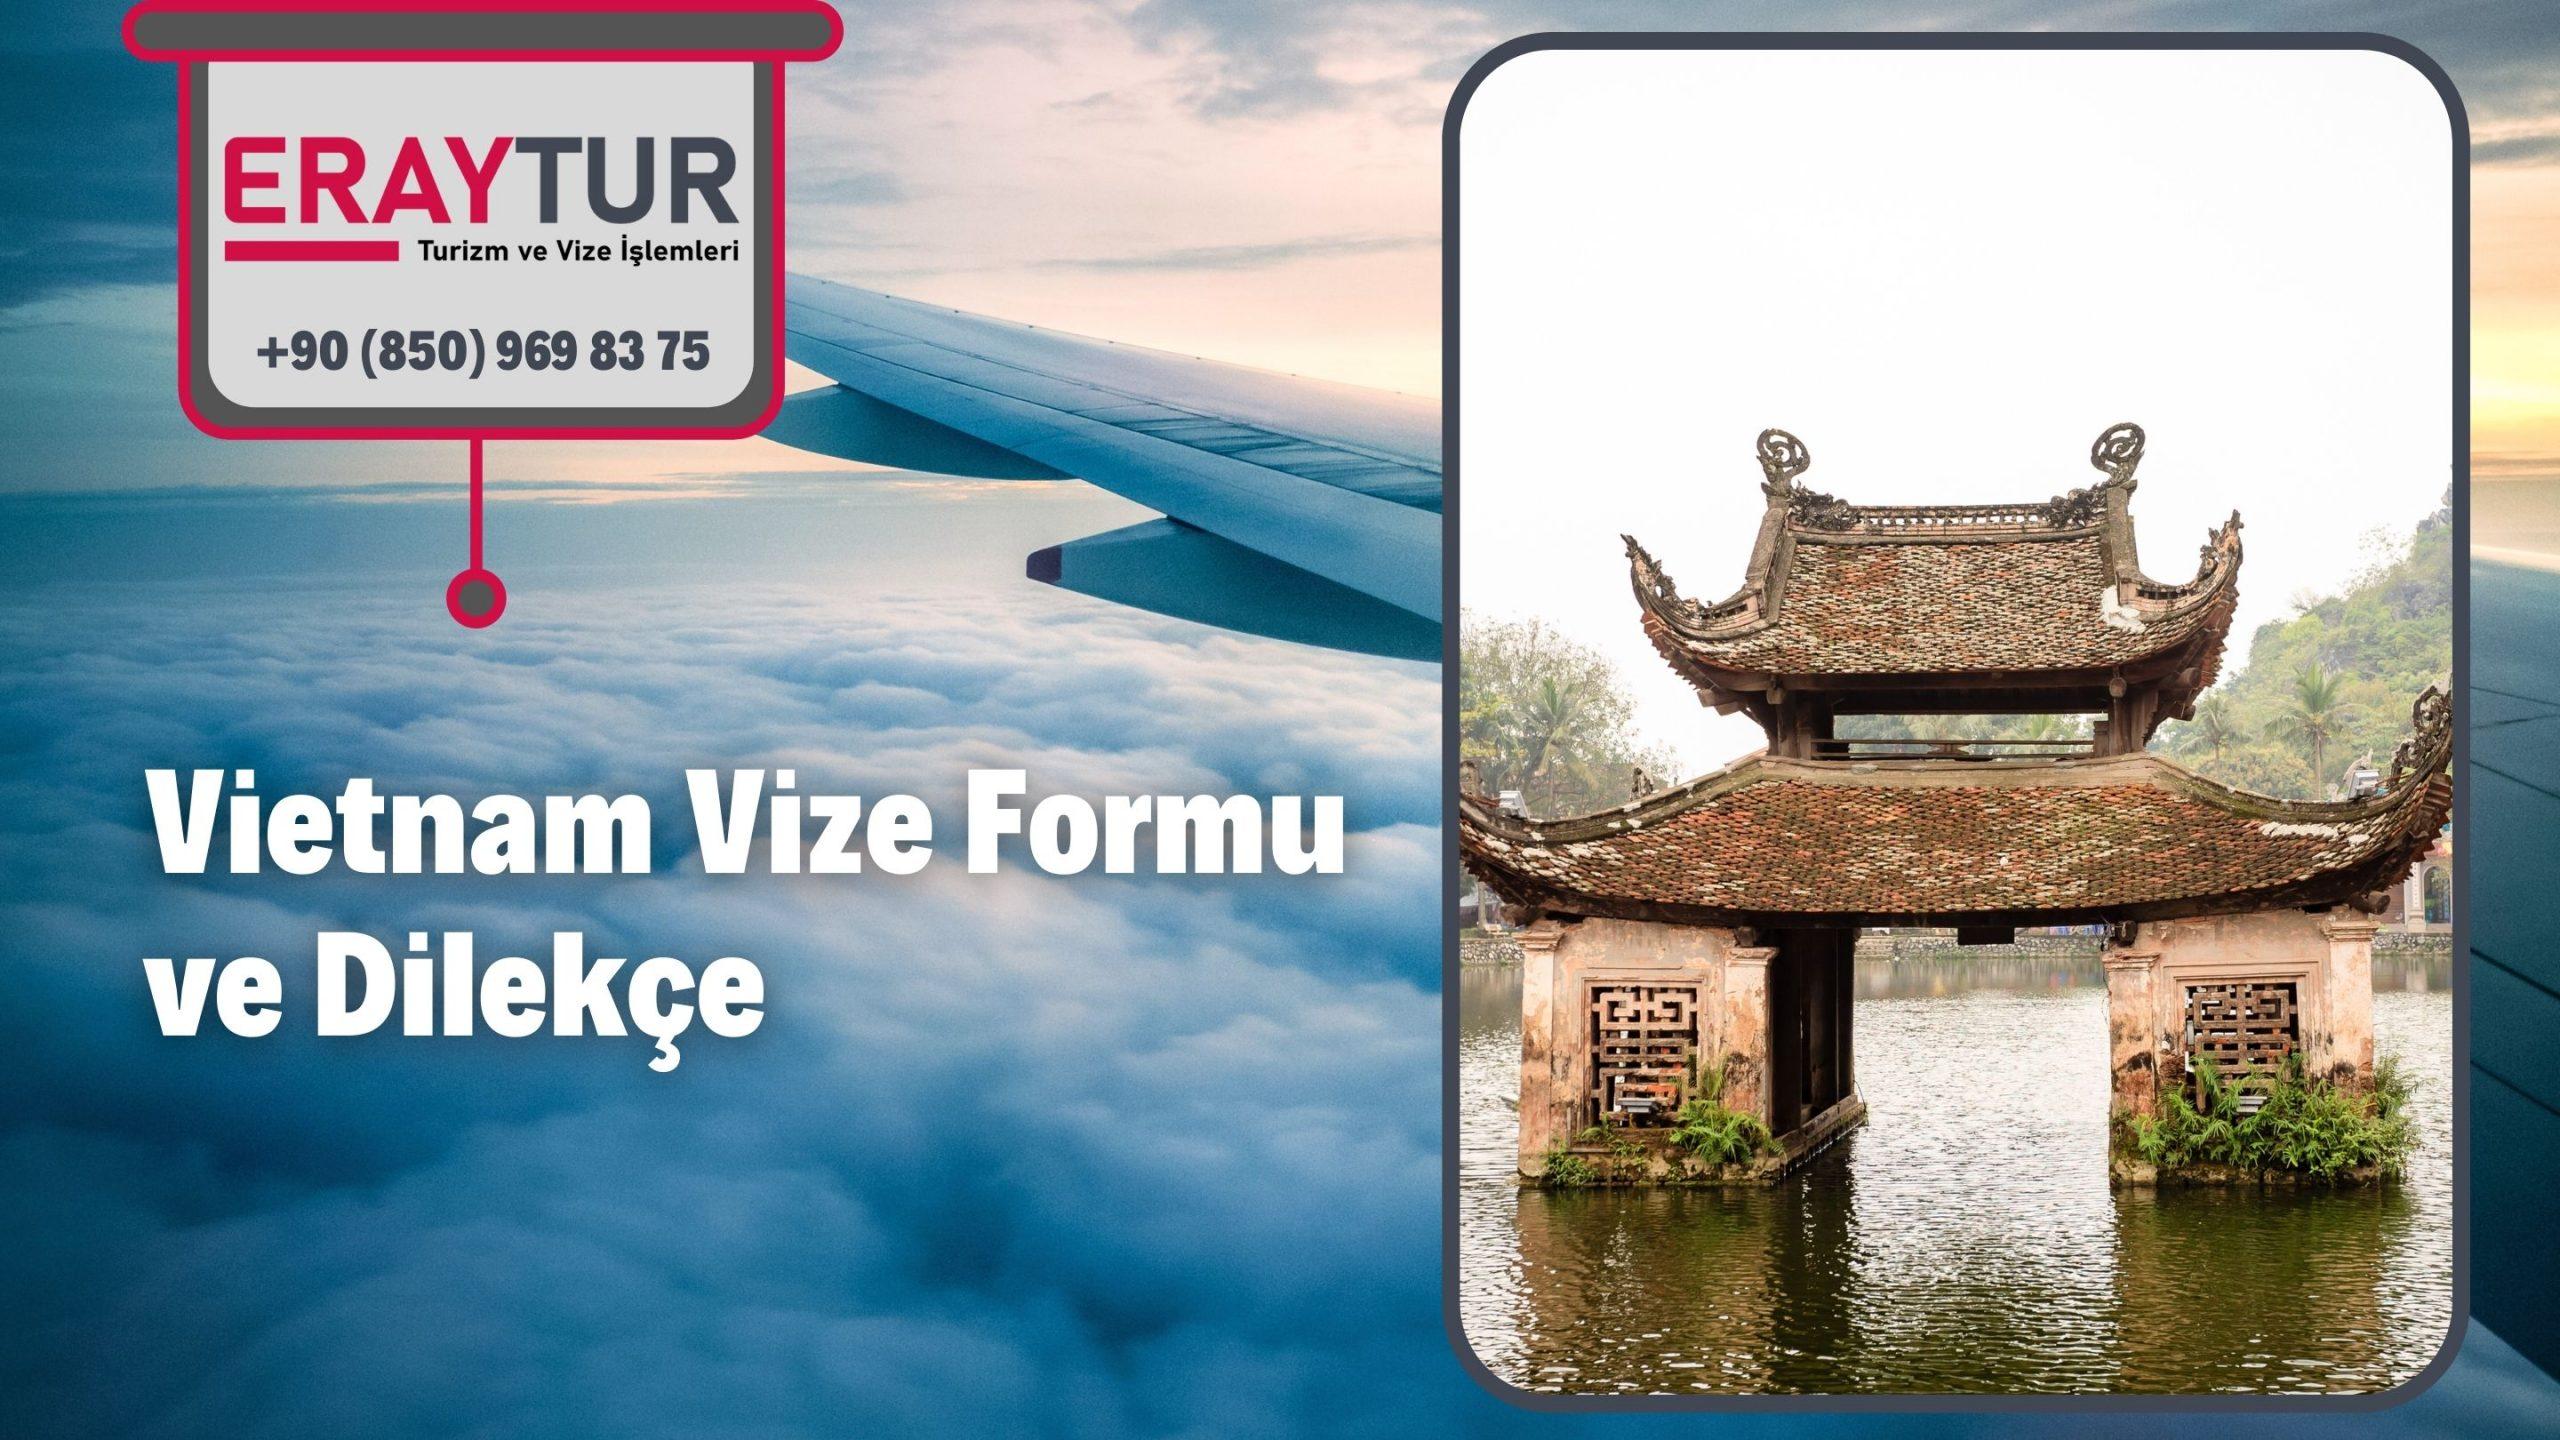 Vietnam Vize Formu ve Dilekçe 1 – vietnam vize formu ve dilekce 1 scaled